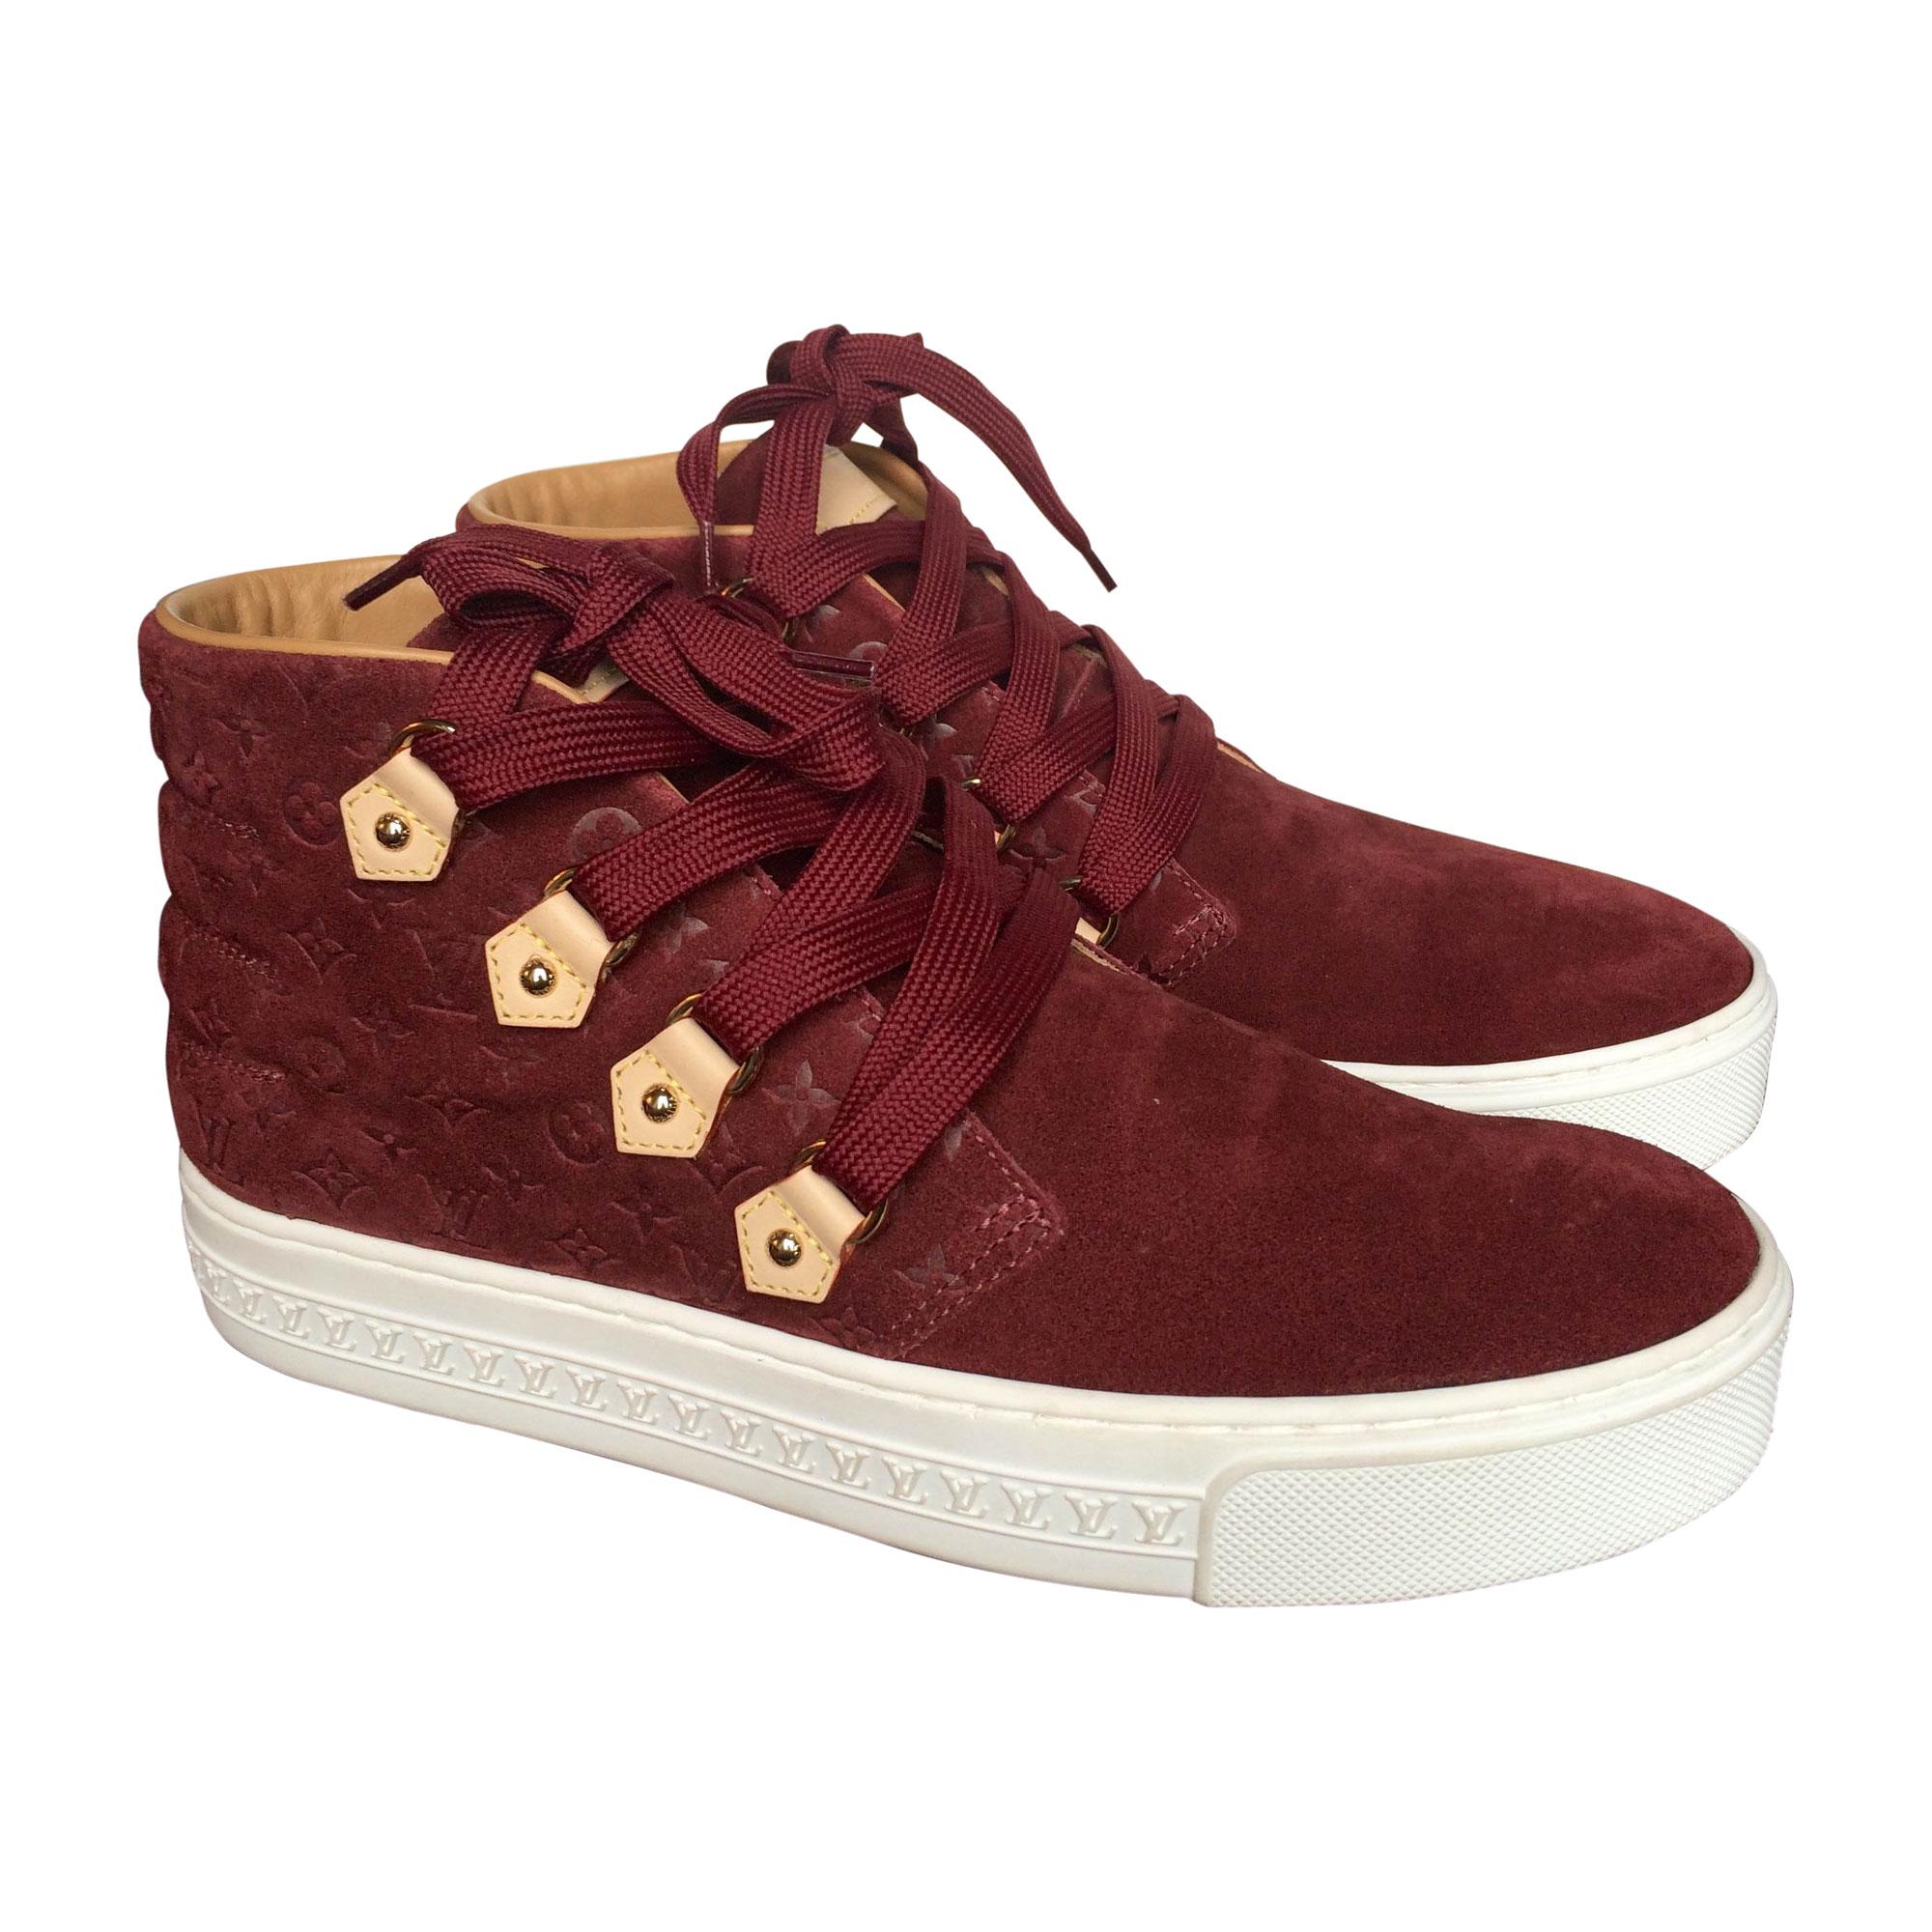 Baskets LOUIS VUITTON 35,5 rouge - 4500309 bd1167320a1